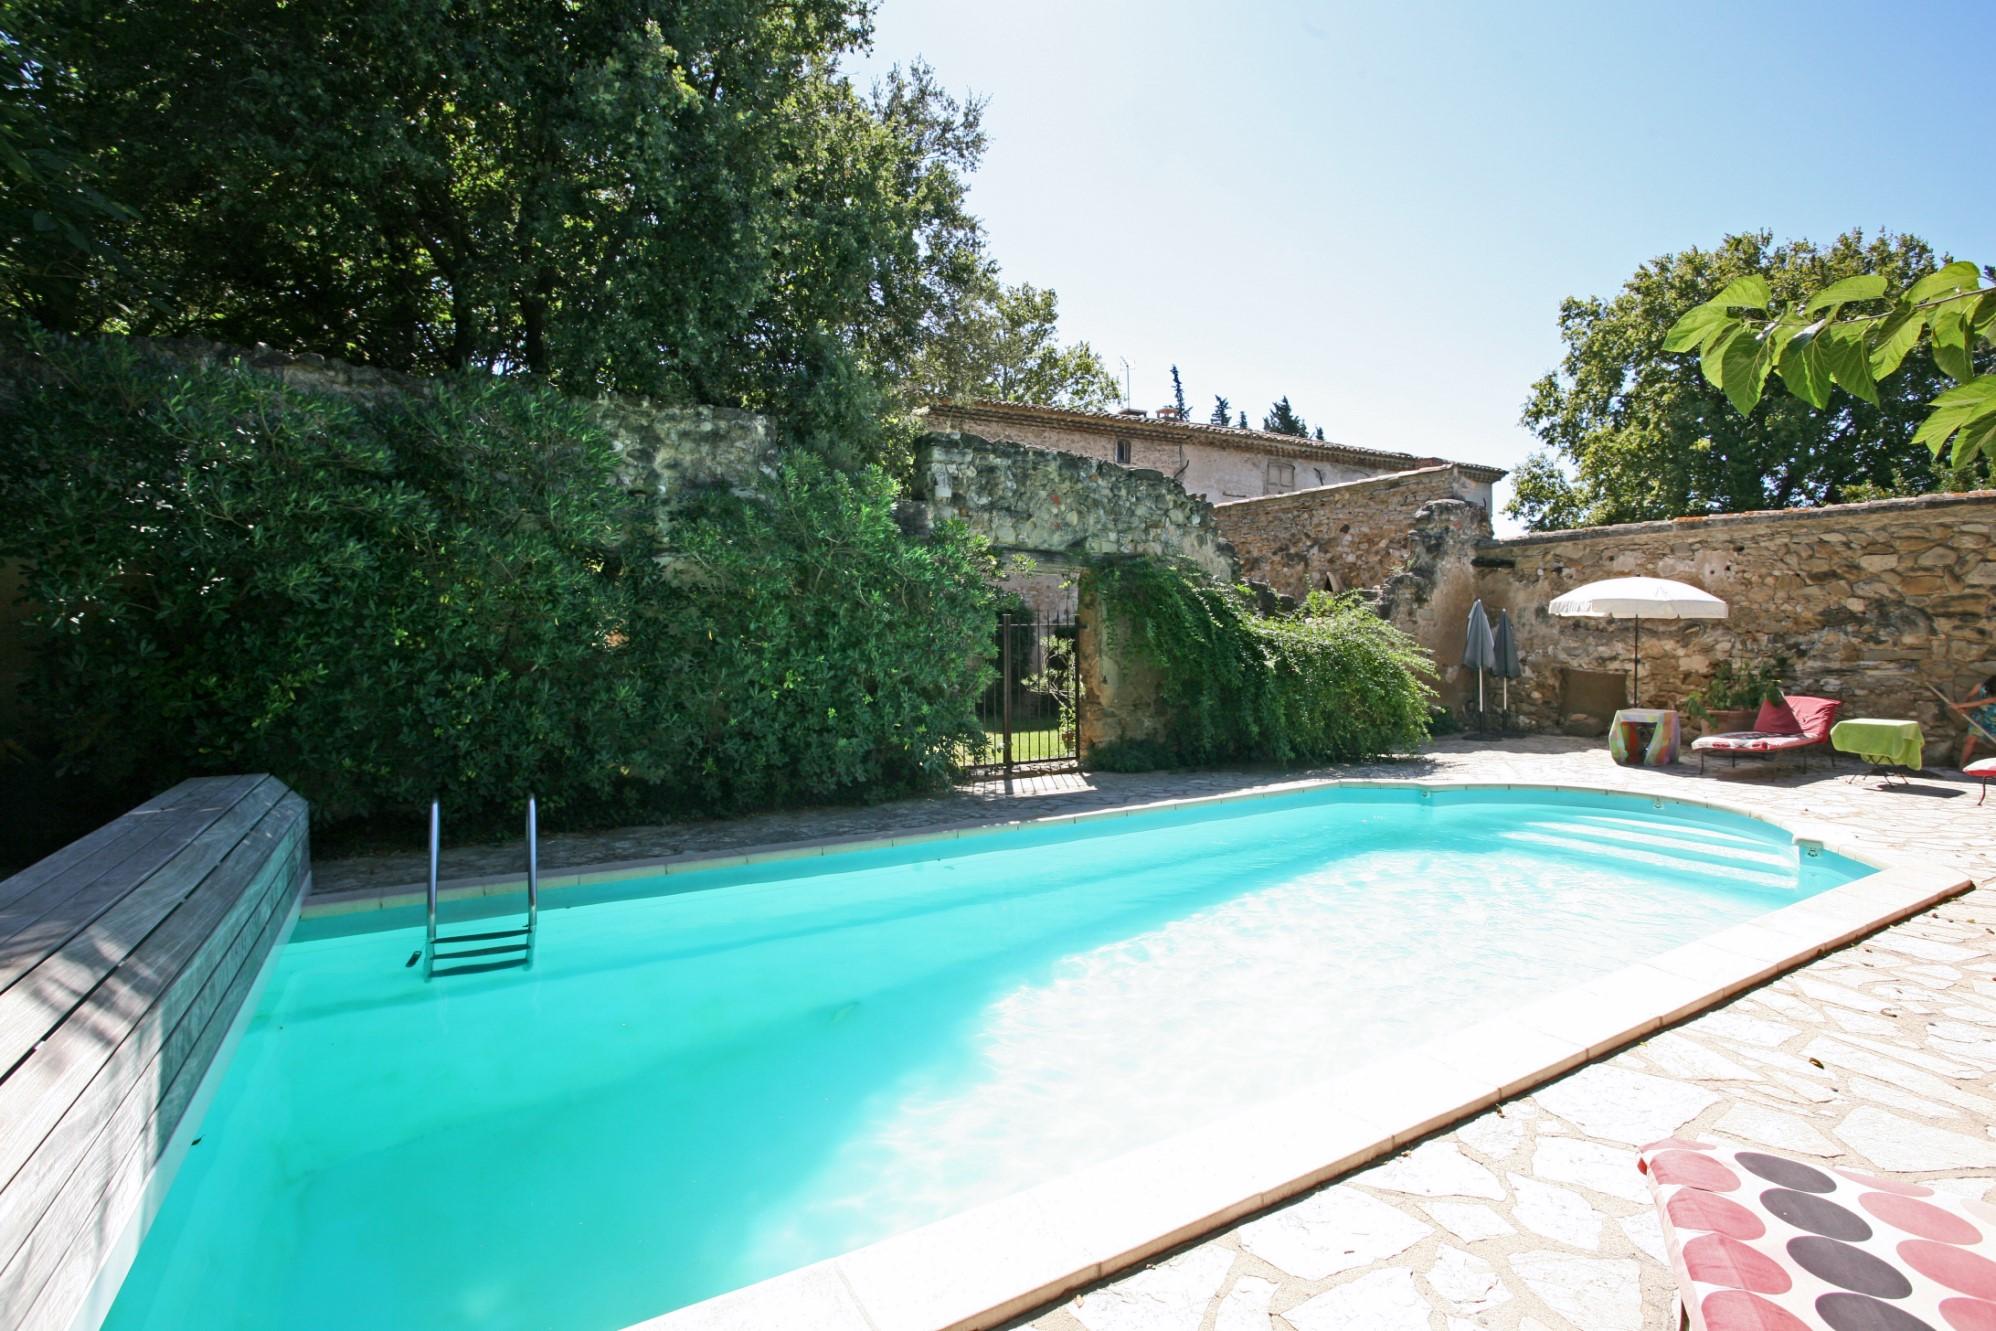 Maison bourgeoise avec gîtes et piscine à vendre